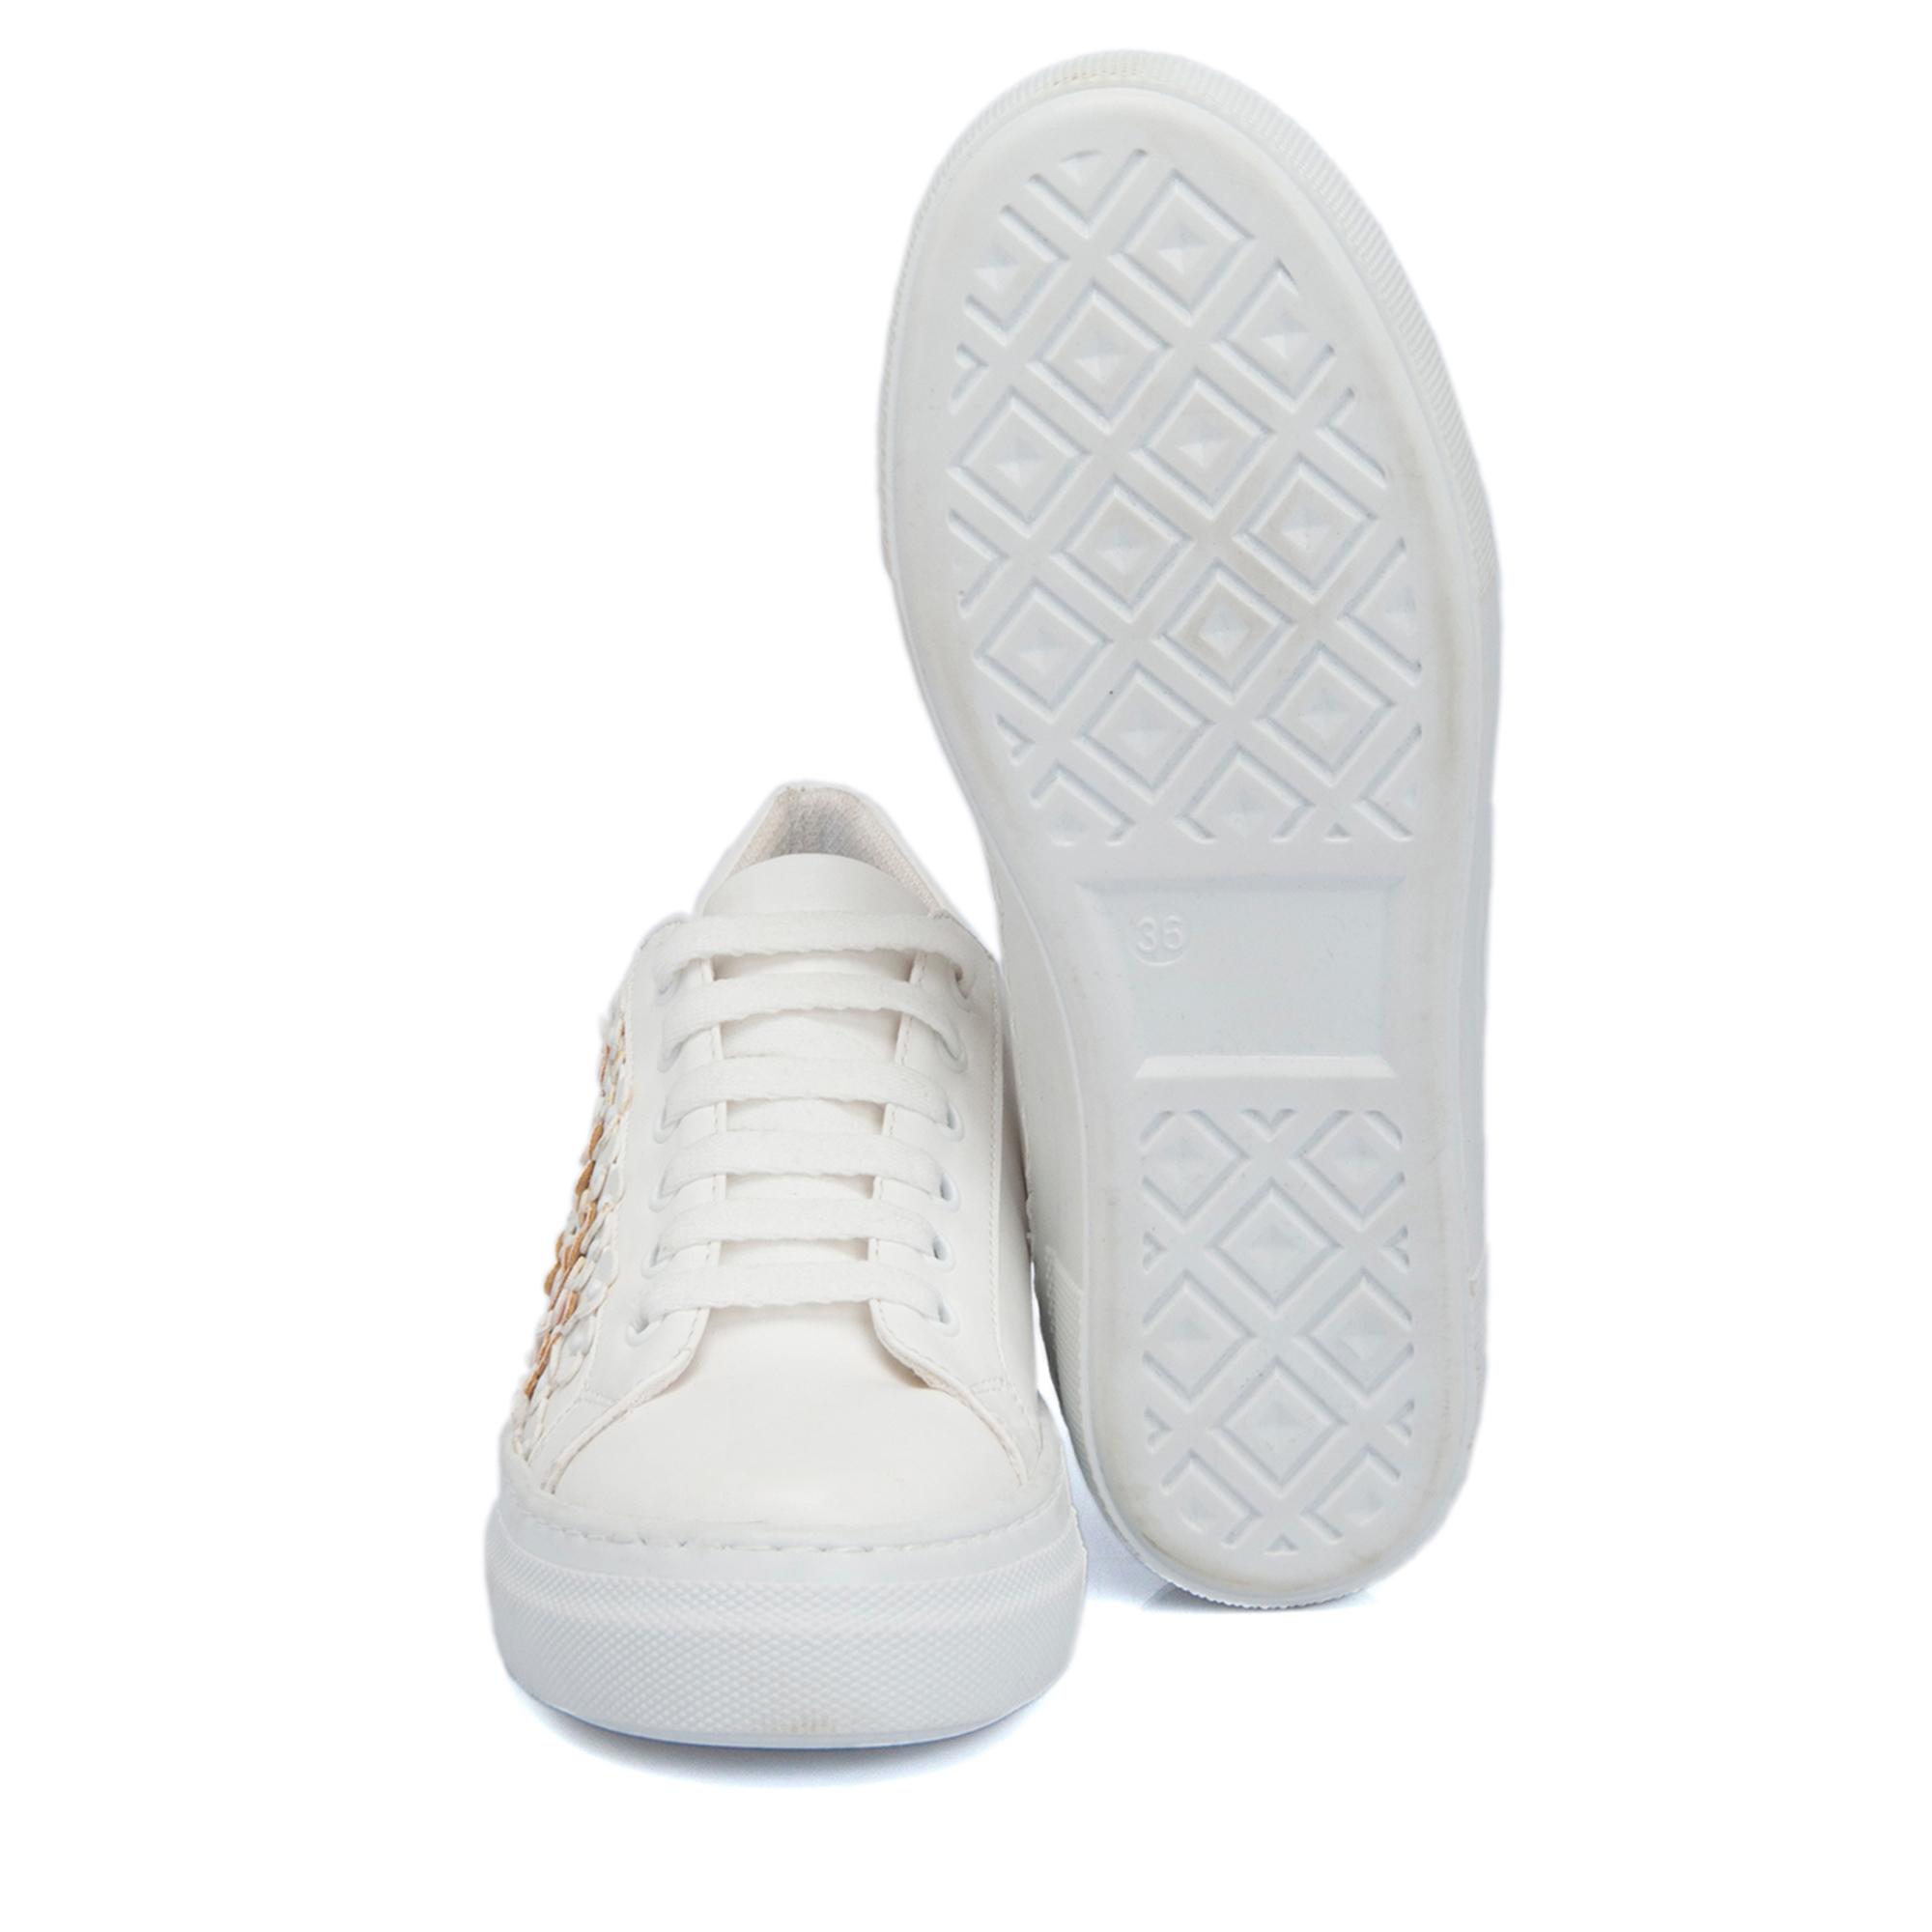 Beyaz-Pudra Deri Kadın Ayakkabı 64259O0Z